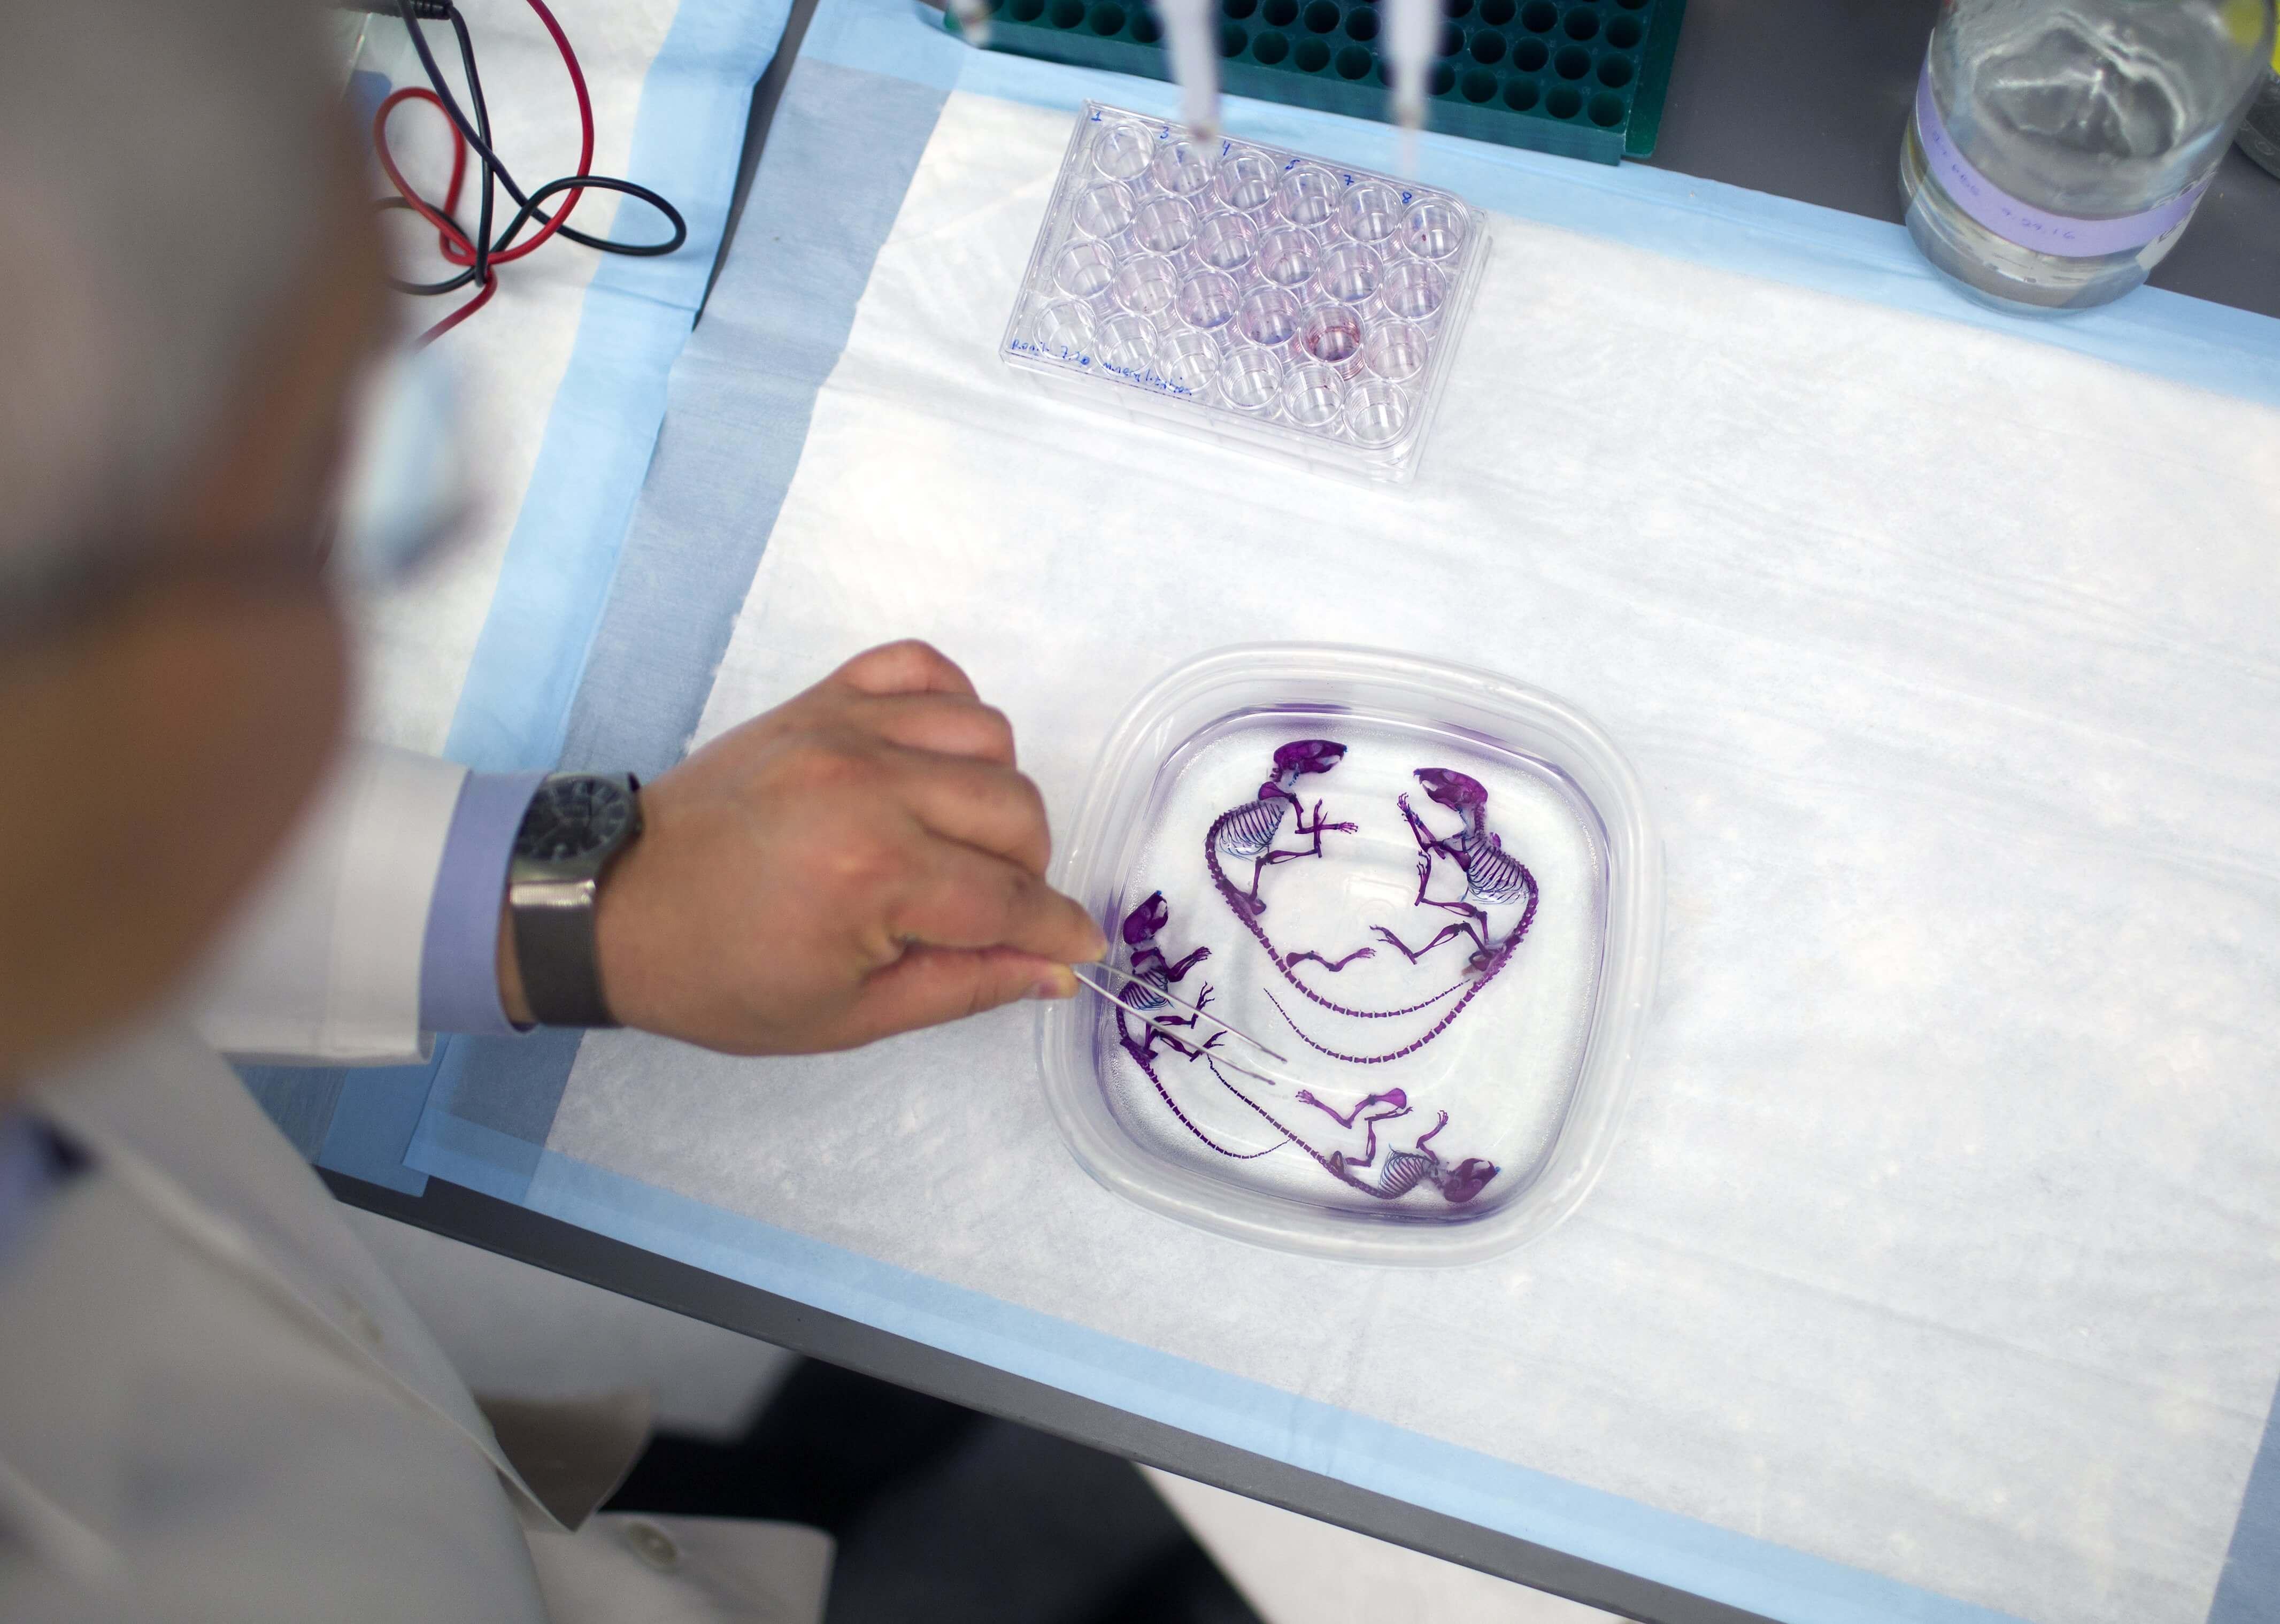 Brendan Lee, M.D., Ph.D., examines mice skeletons in the lab.